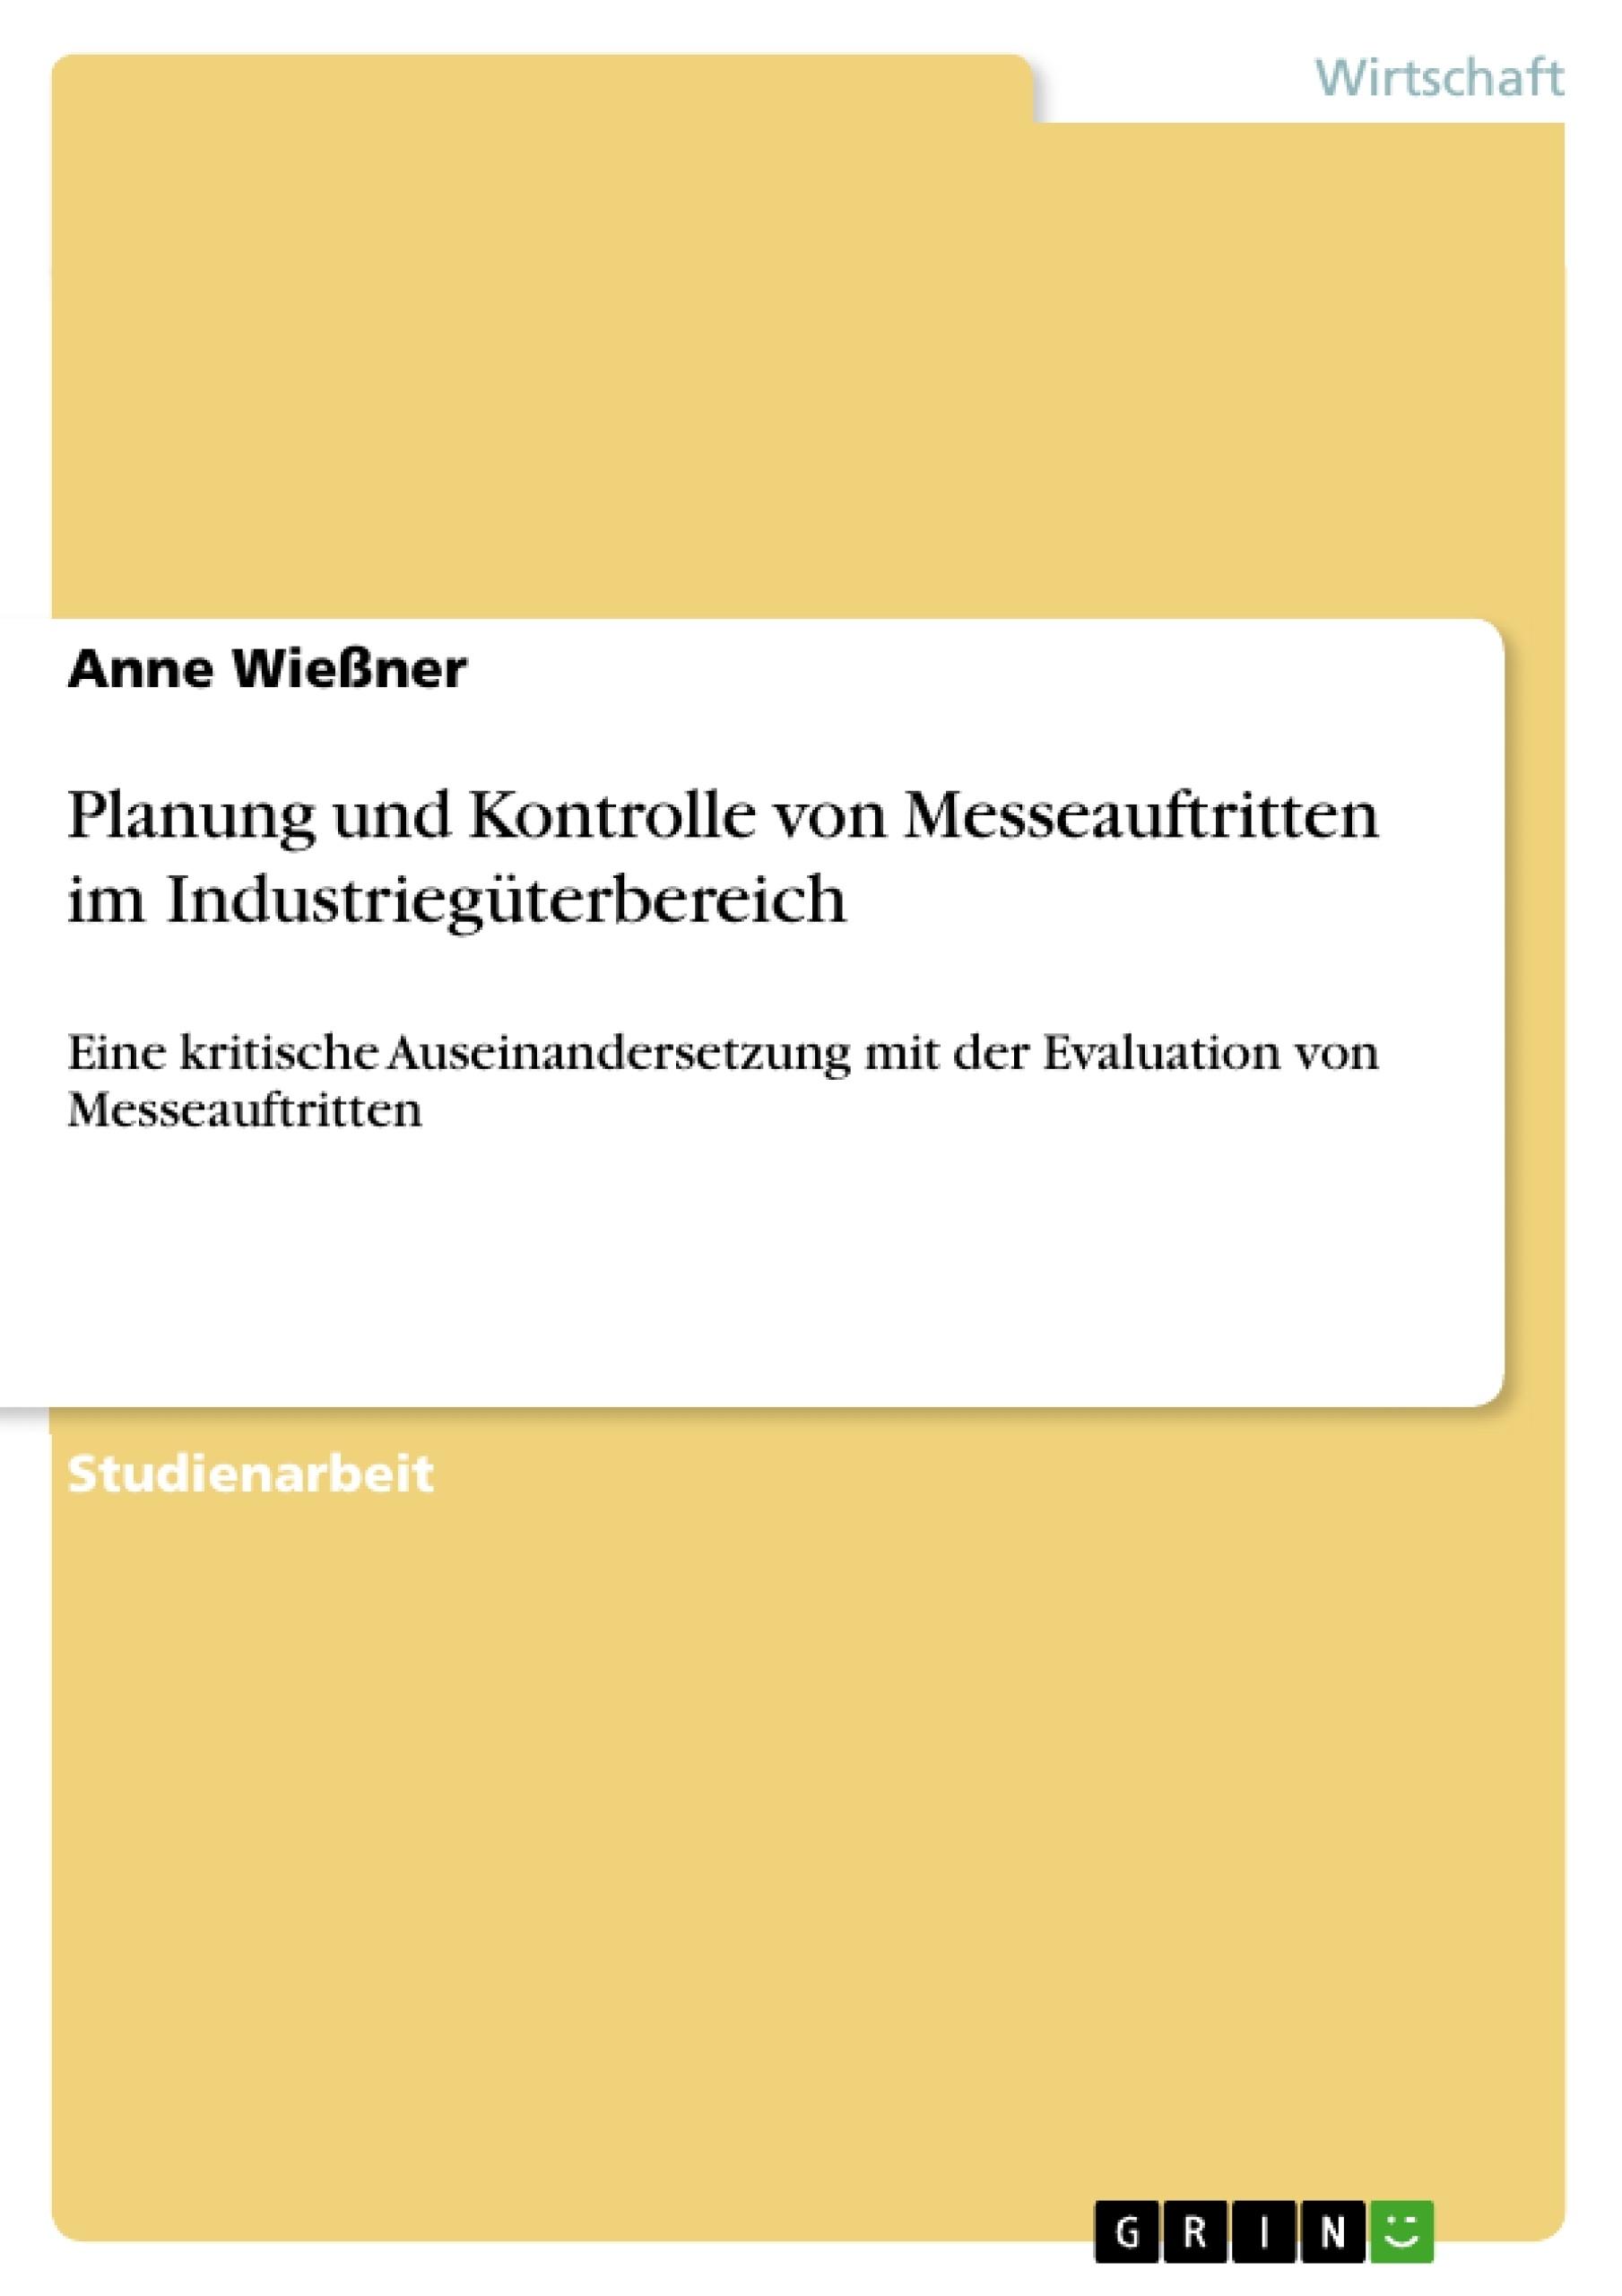 Titel: Planung und Kontrolle von Messeauftritten im Industriegüterbereich